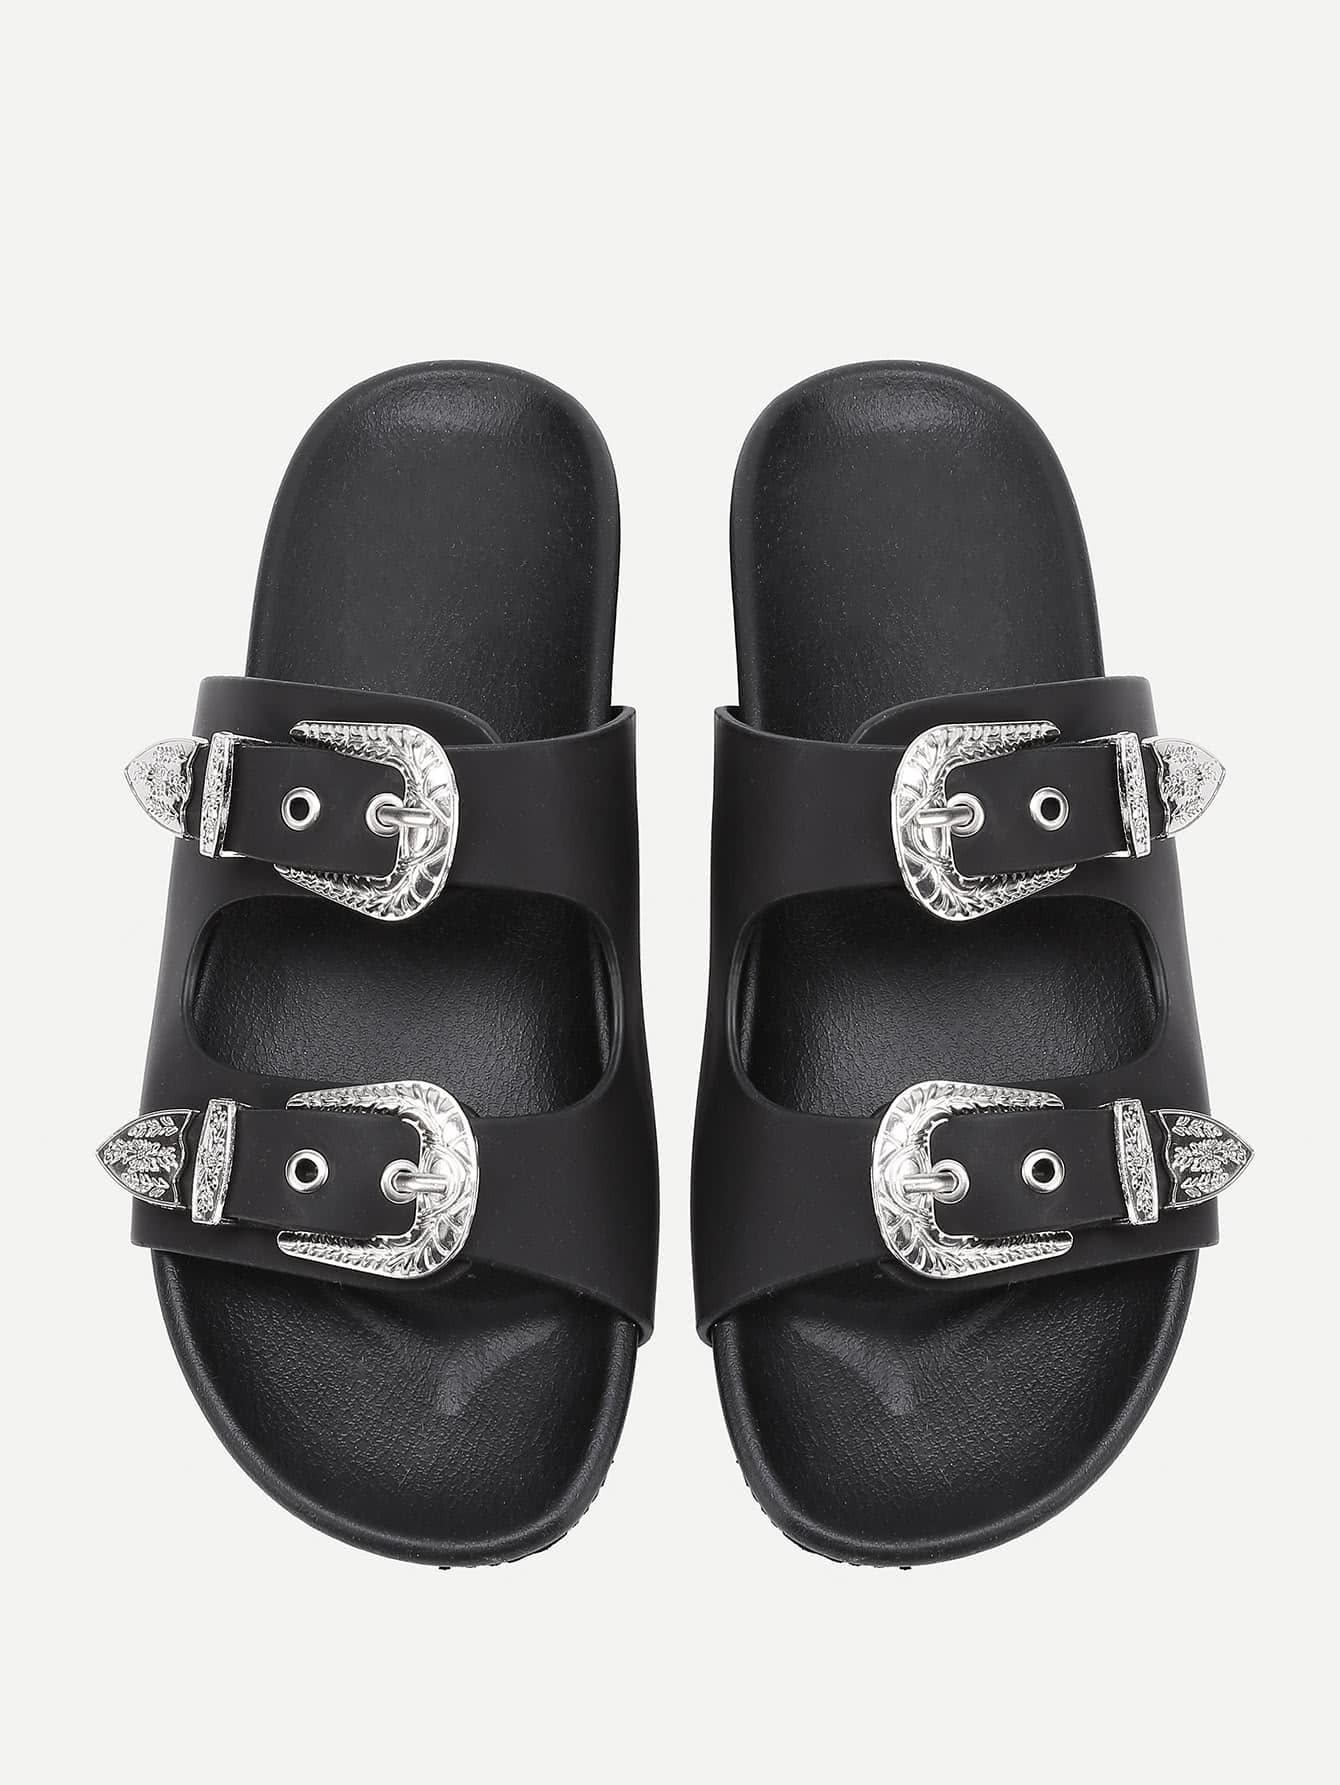 shoes170517802_2